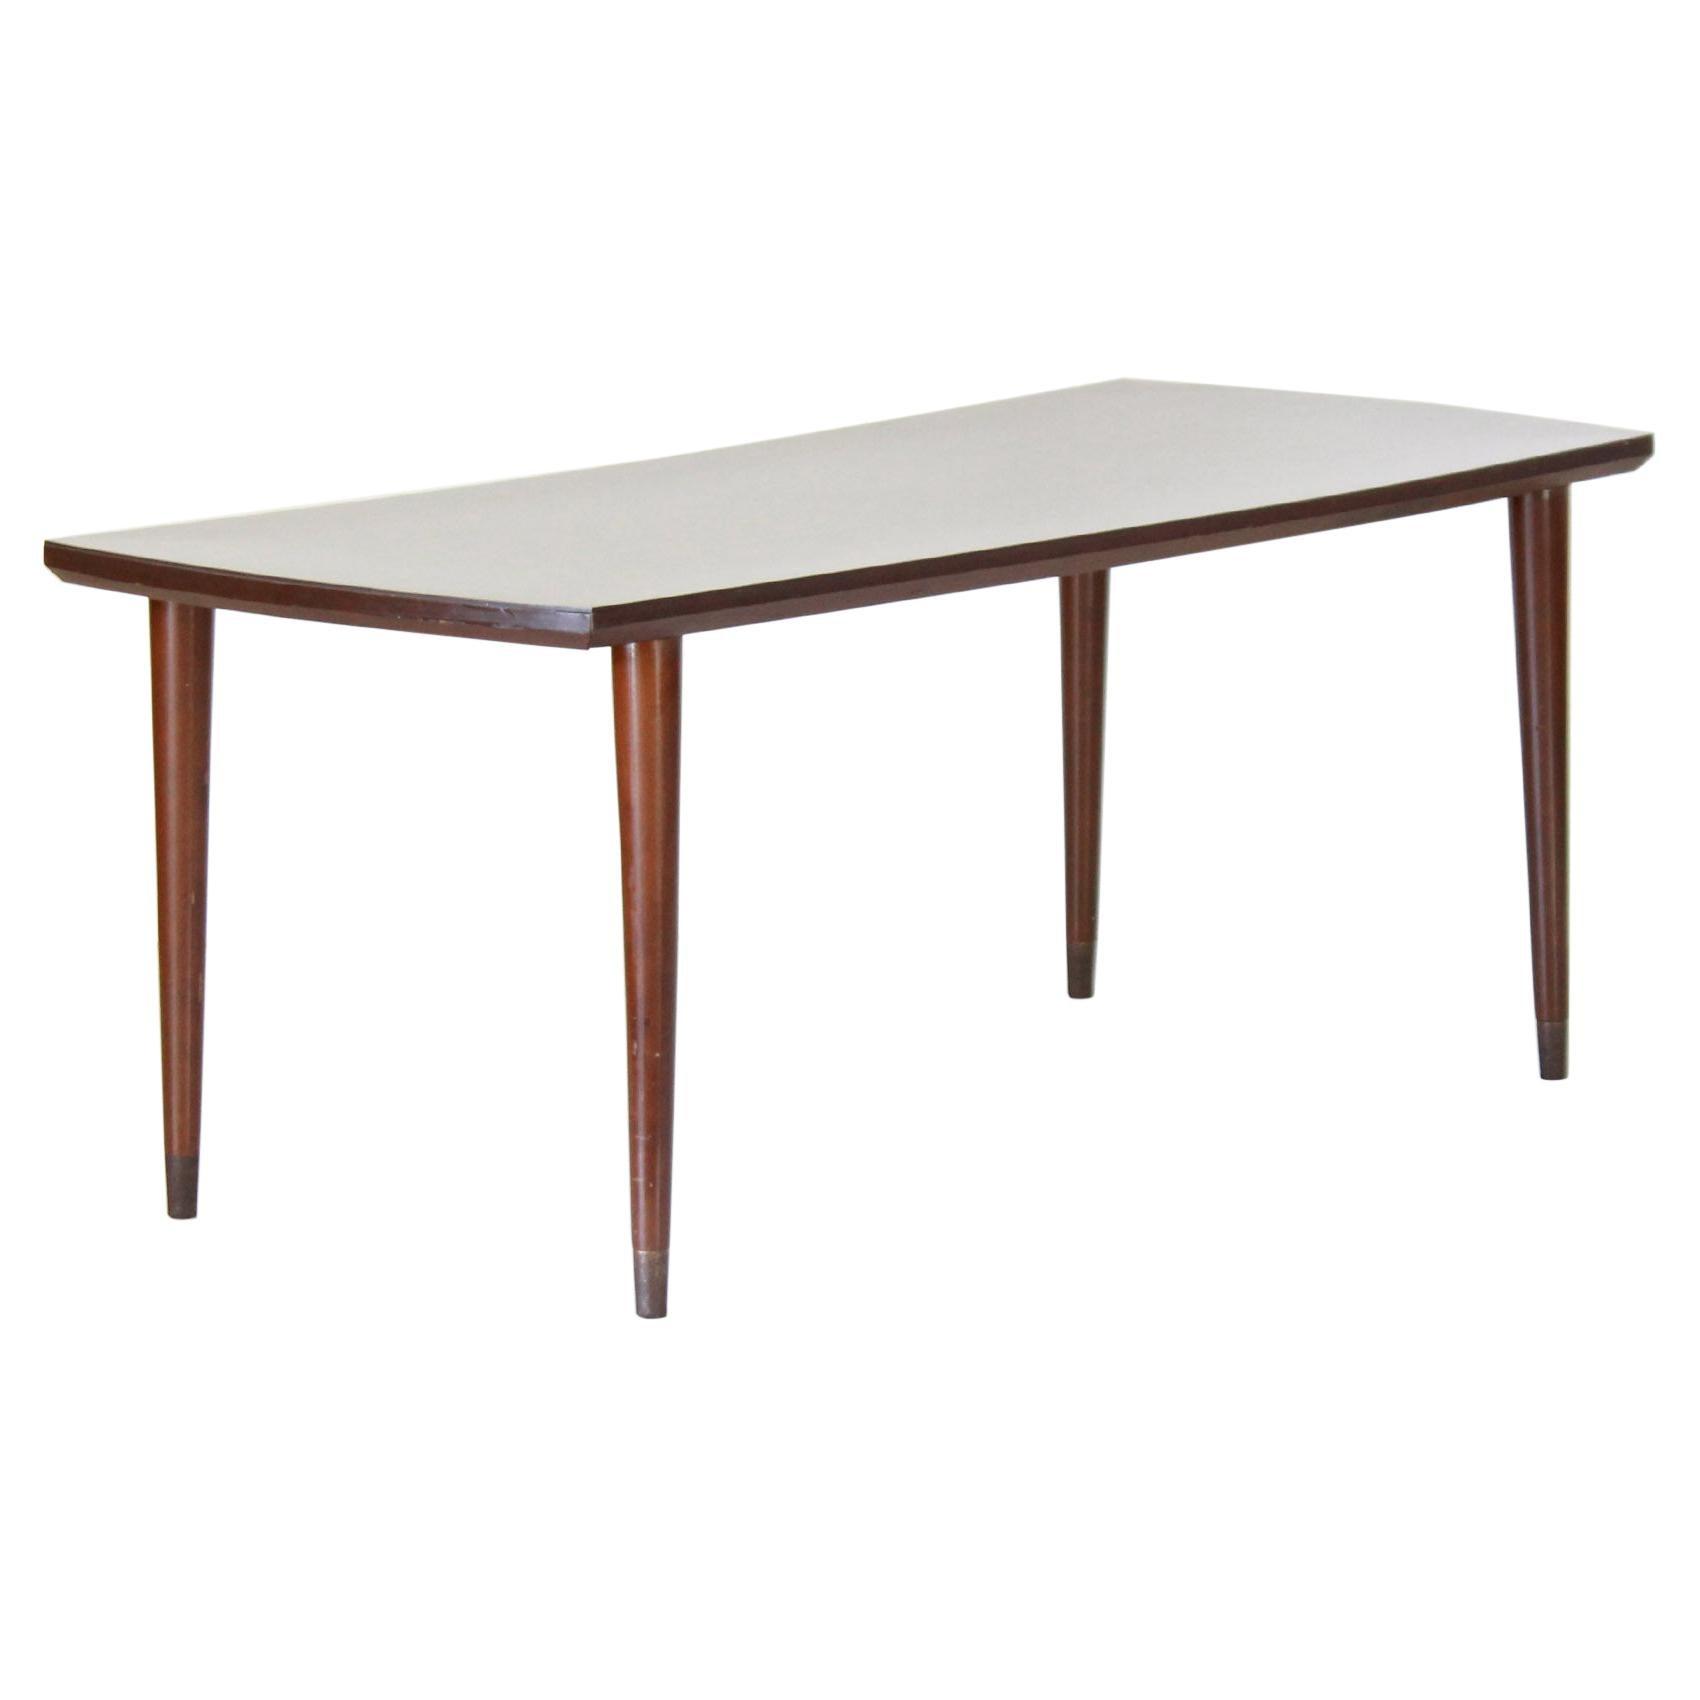 1960s Scandinavian Vintage Wood Coffee Table